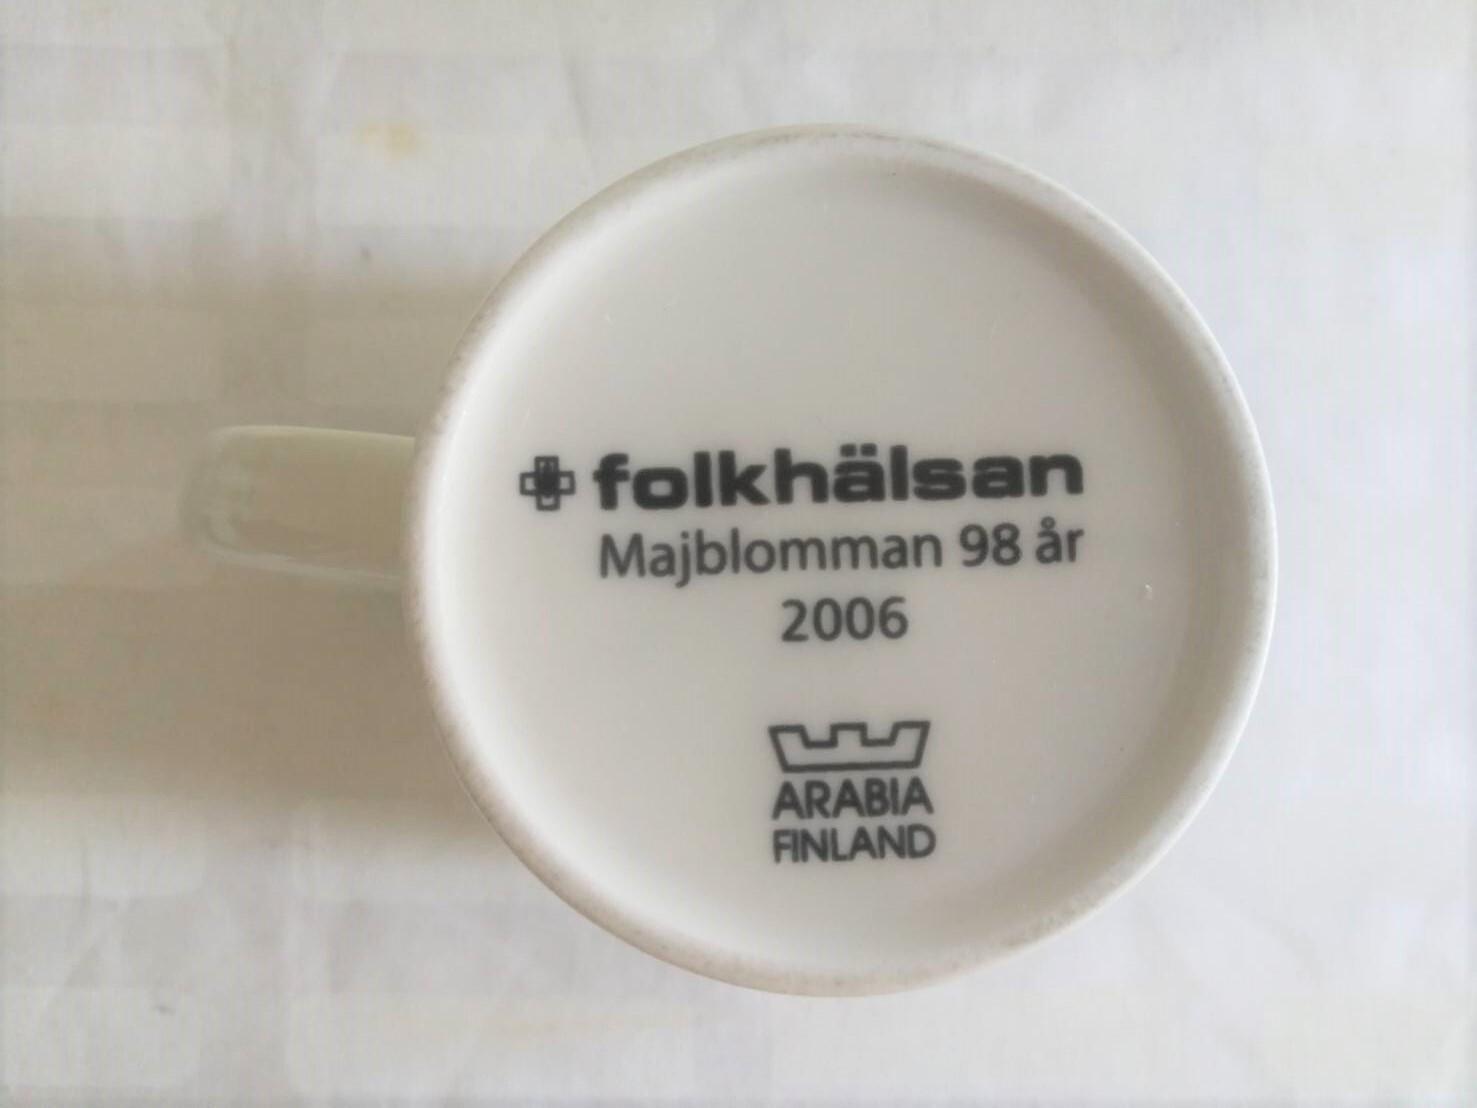 [訳あり] マグカップ / ARABIA アラビア /  folkhalsan シリーズ / Majblomman (2006)